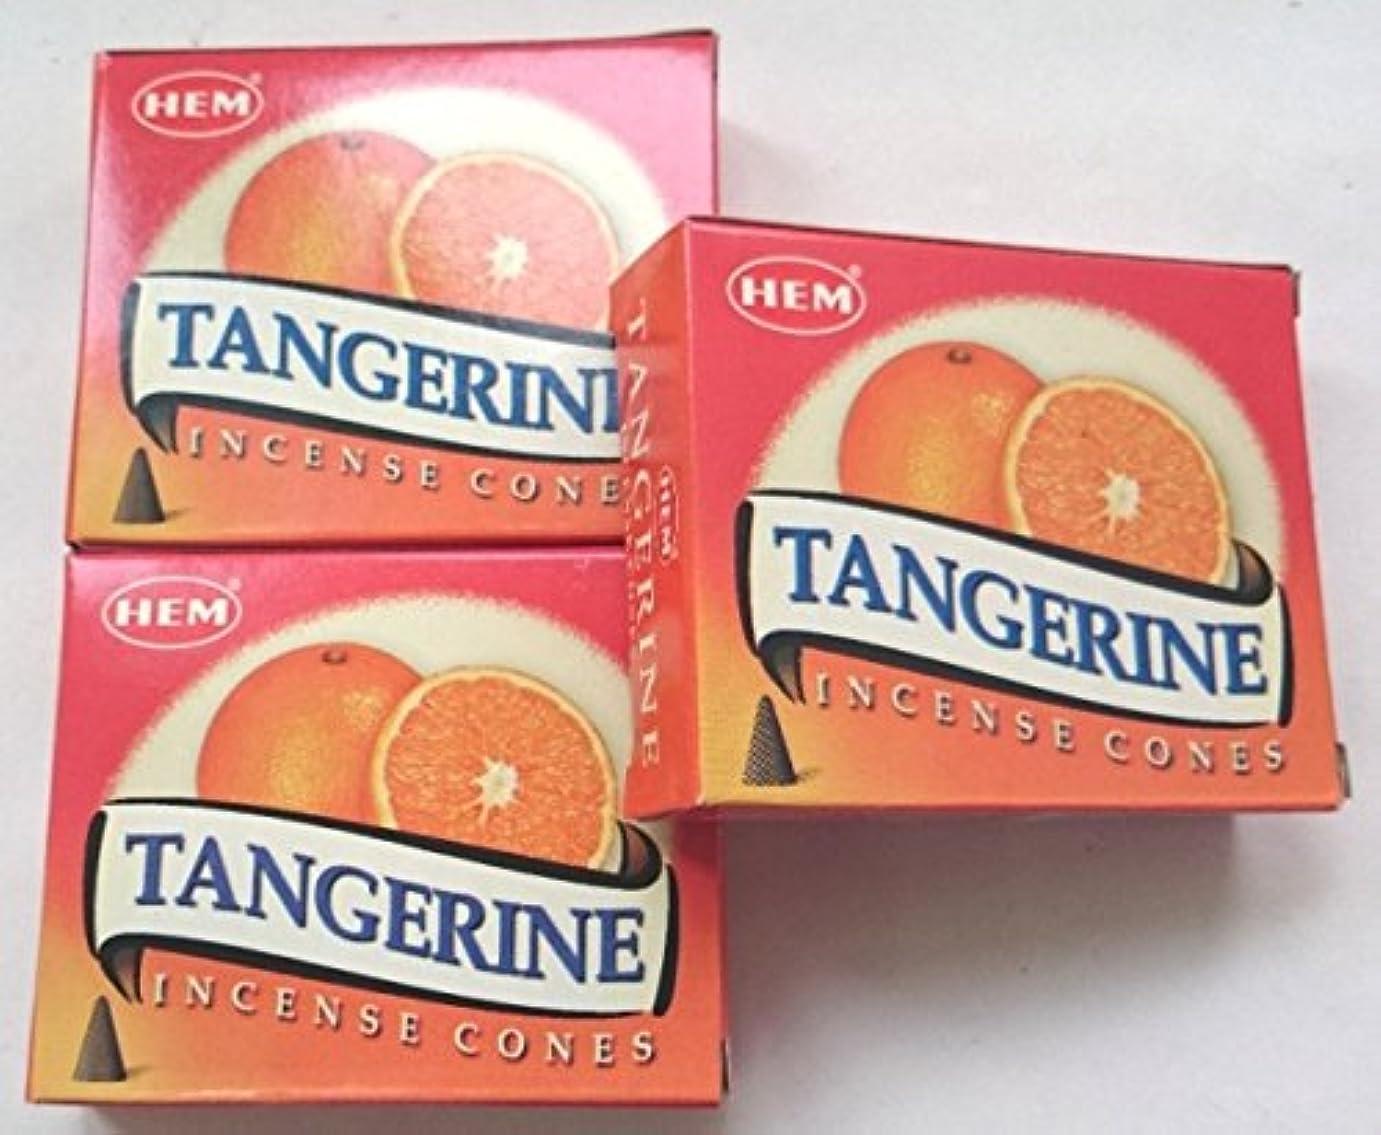 アルコーブ何よりもジムHEM(ヘム)お香 タンジェリン(オレンジ) コーン 3個セット